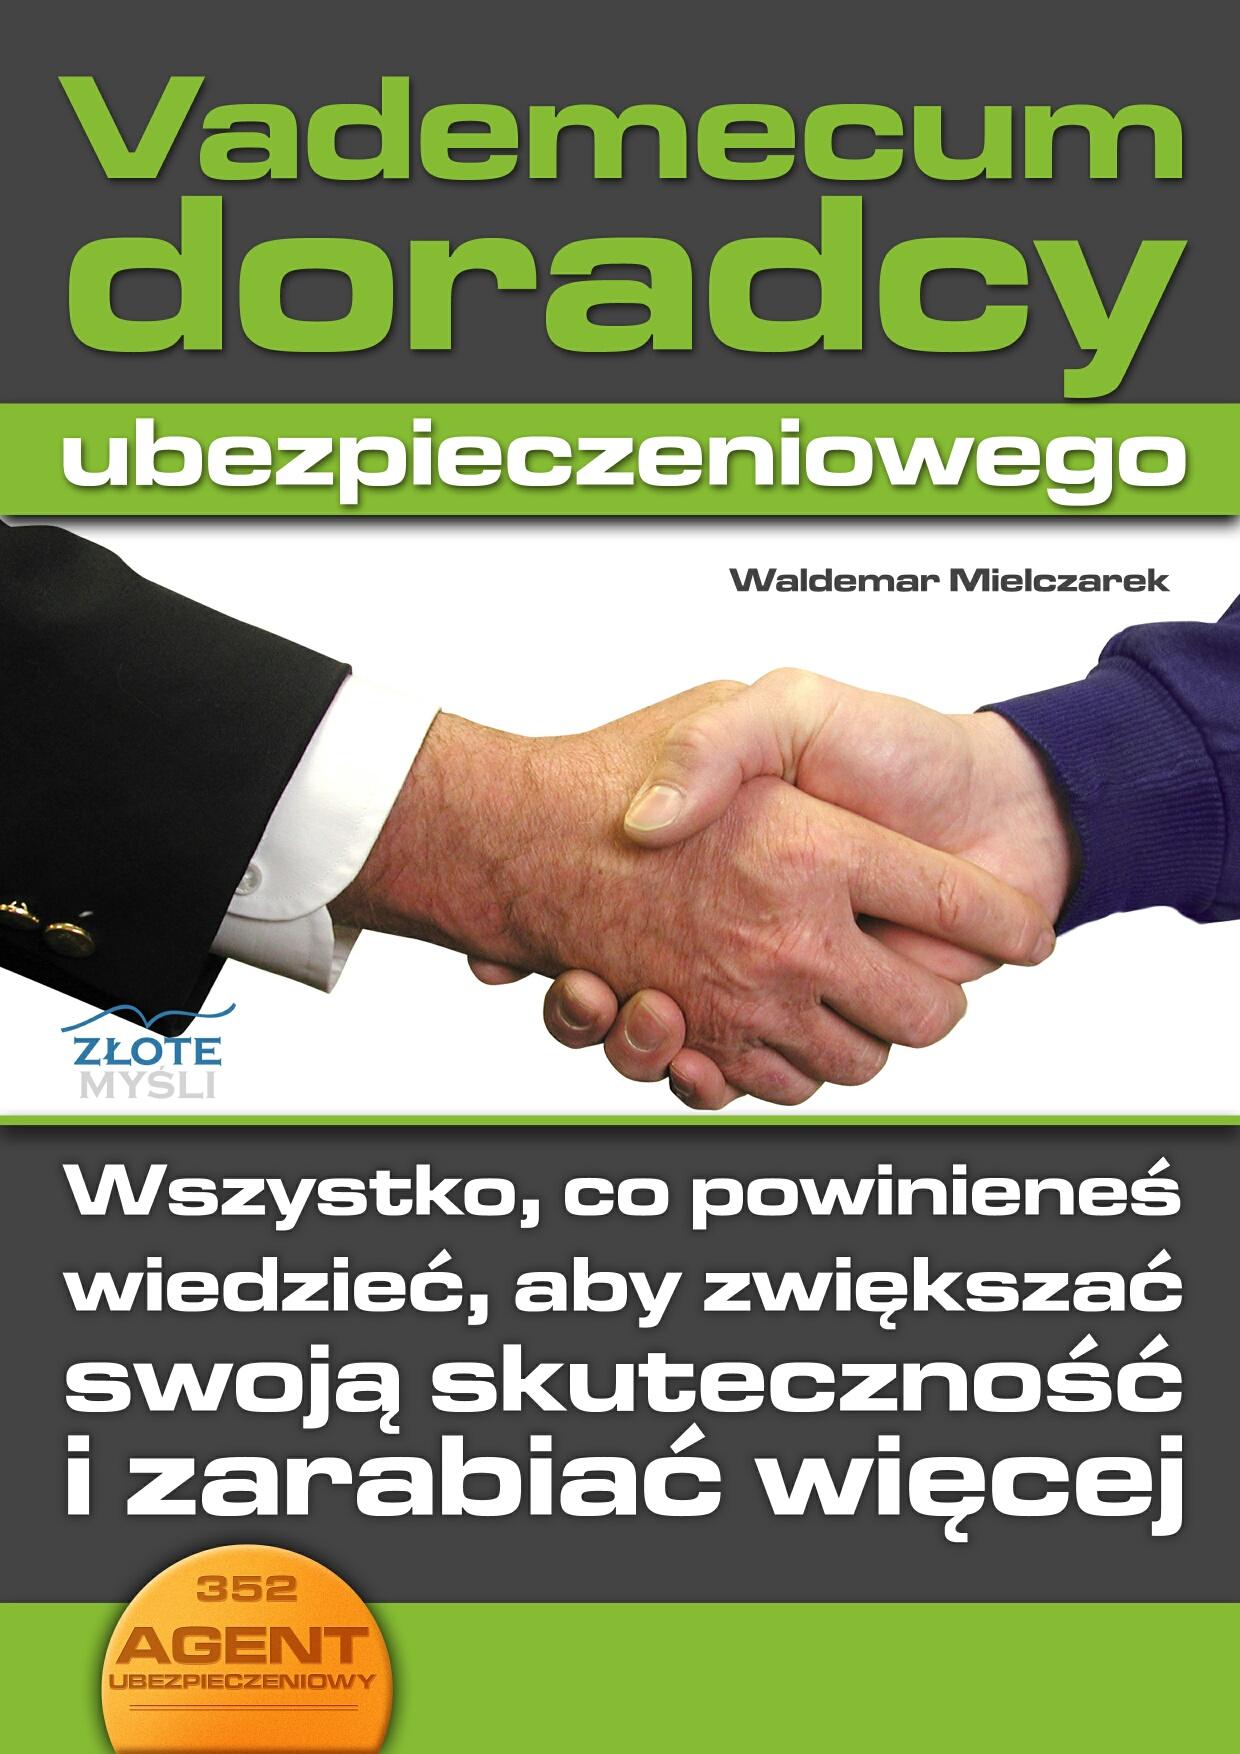 Waldemar Mielczarek: Vademecum doradcy ubezpieczeniowego - okładka